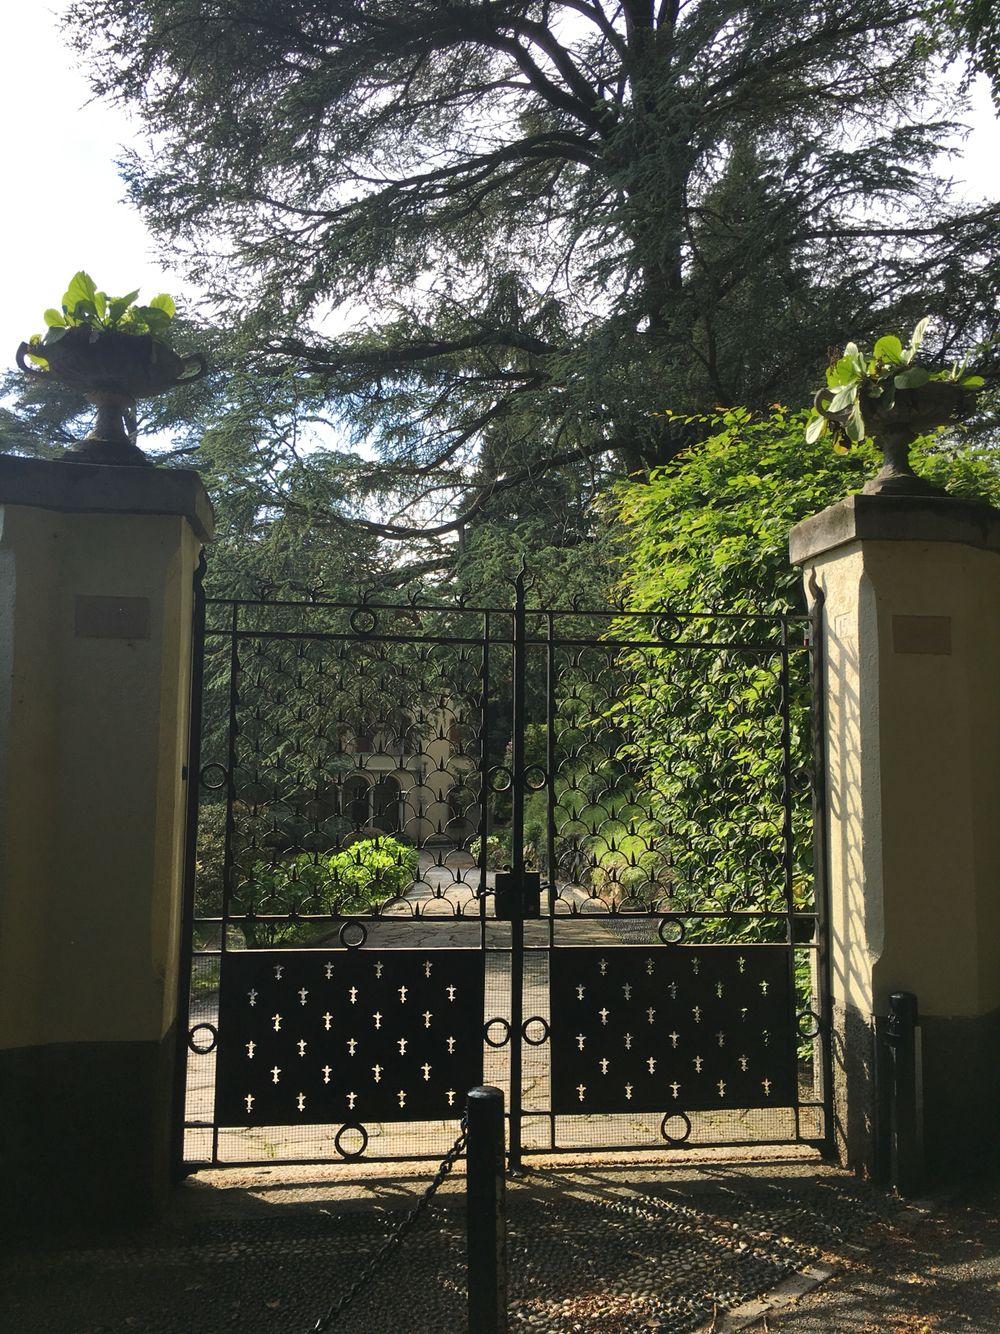 Como gates